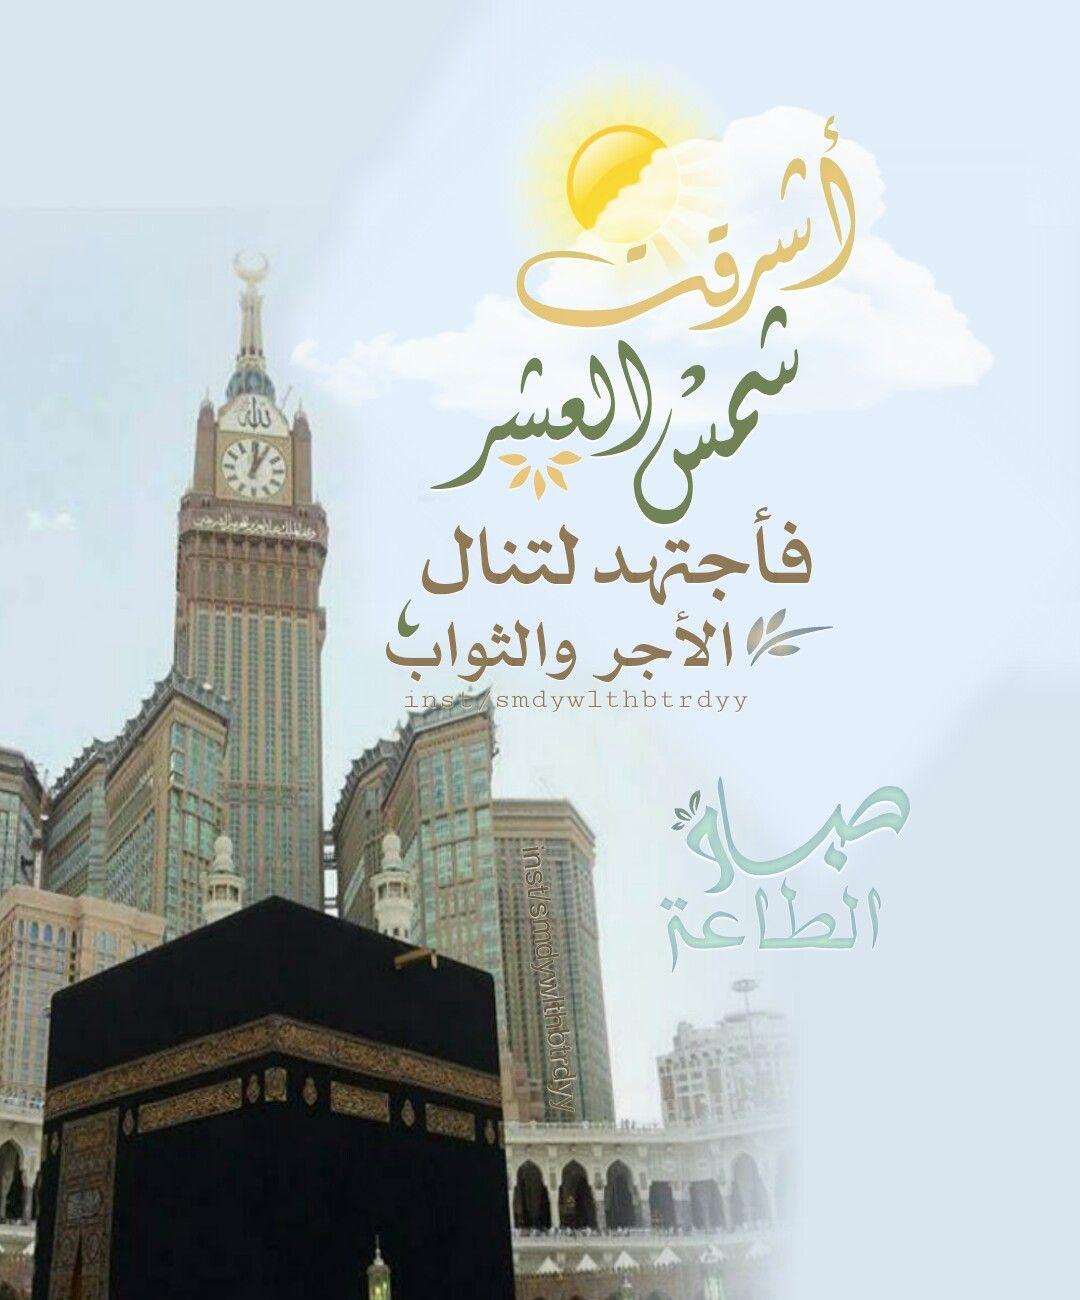 وأشرقت شمس العشر فأجتهد لتنال الأجر والثواب صباح الطاعة Morning Greeting Home Decor Decals Quran Quotes